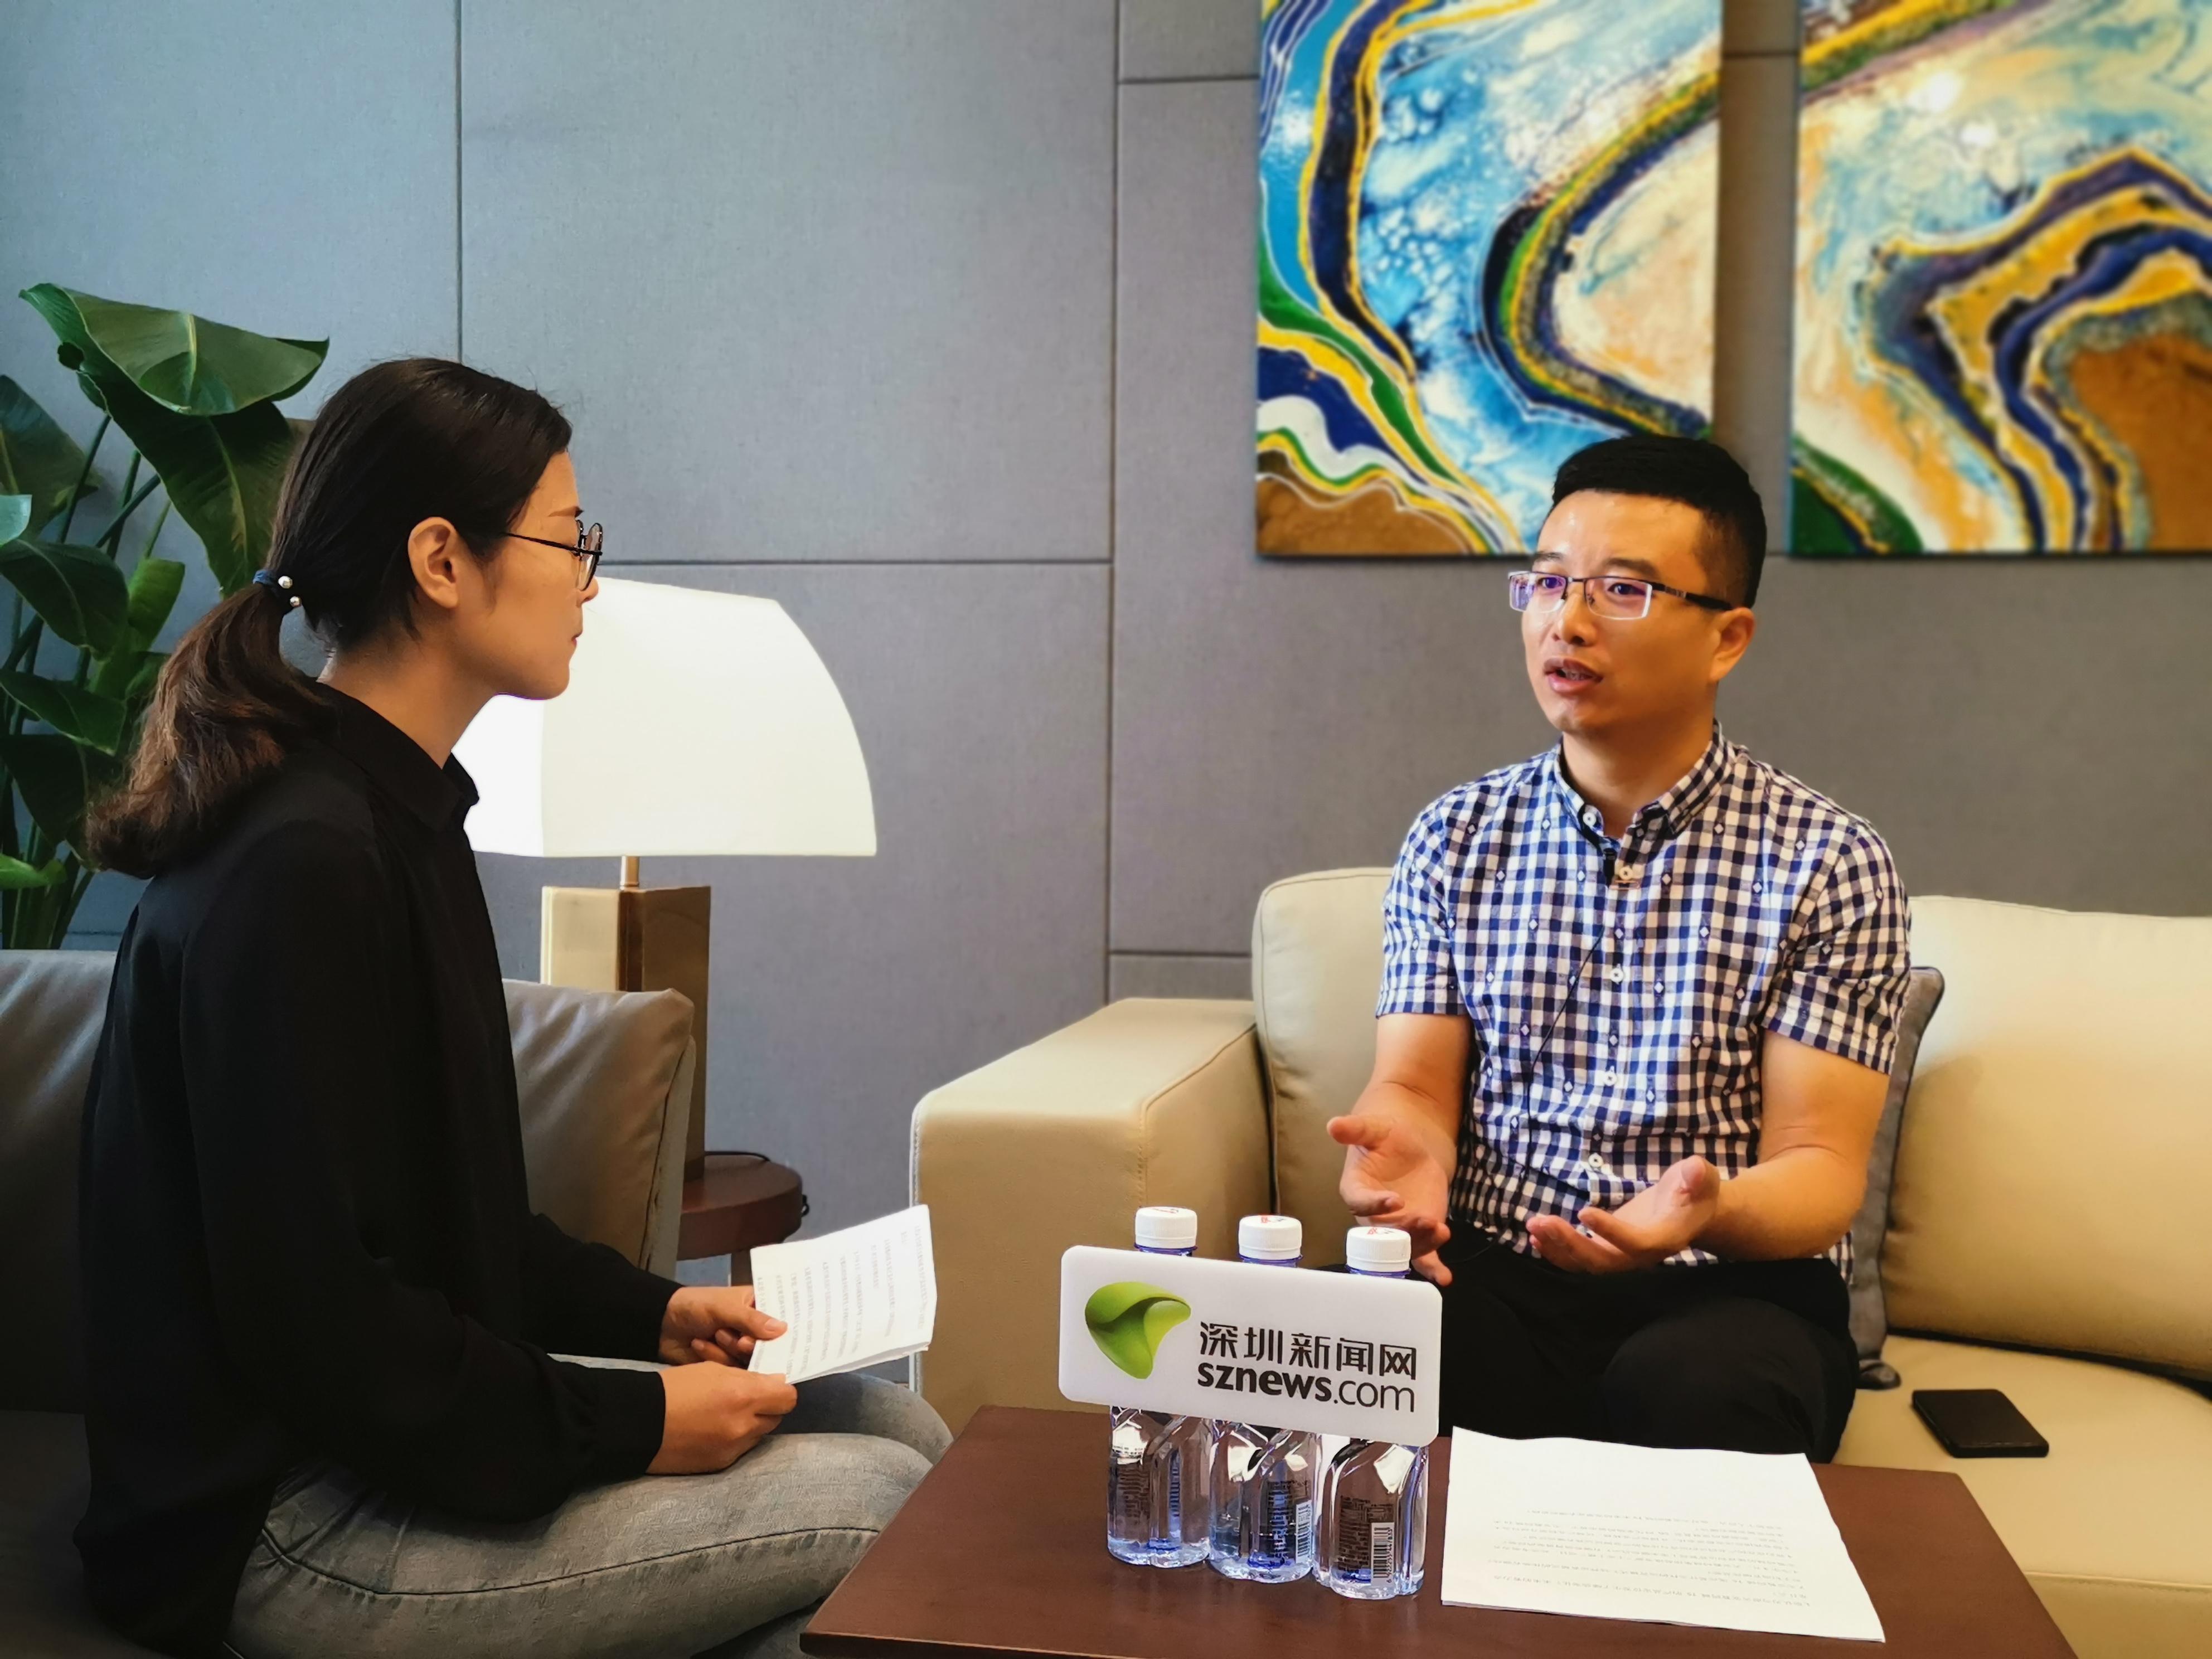 专访  周艳青:未来产业园区拼的是运营服务